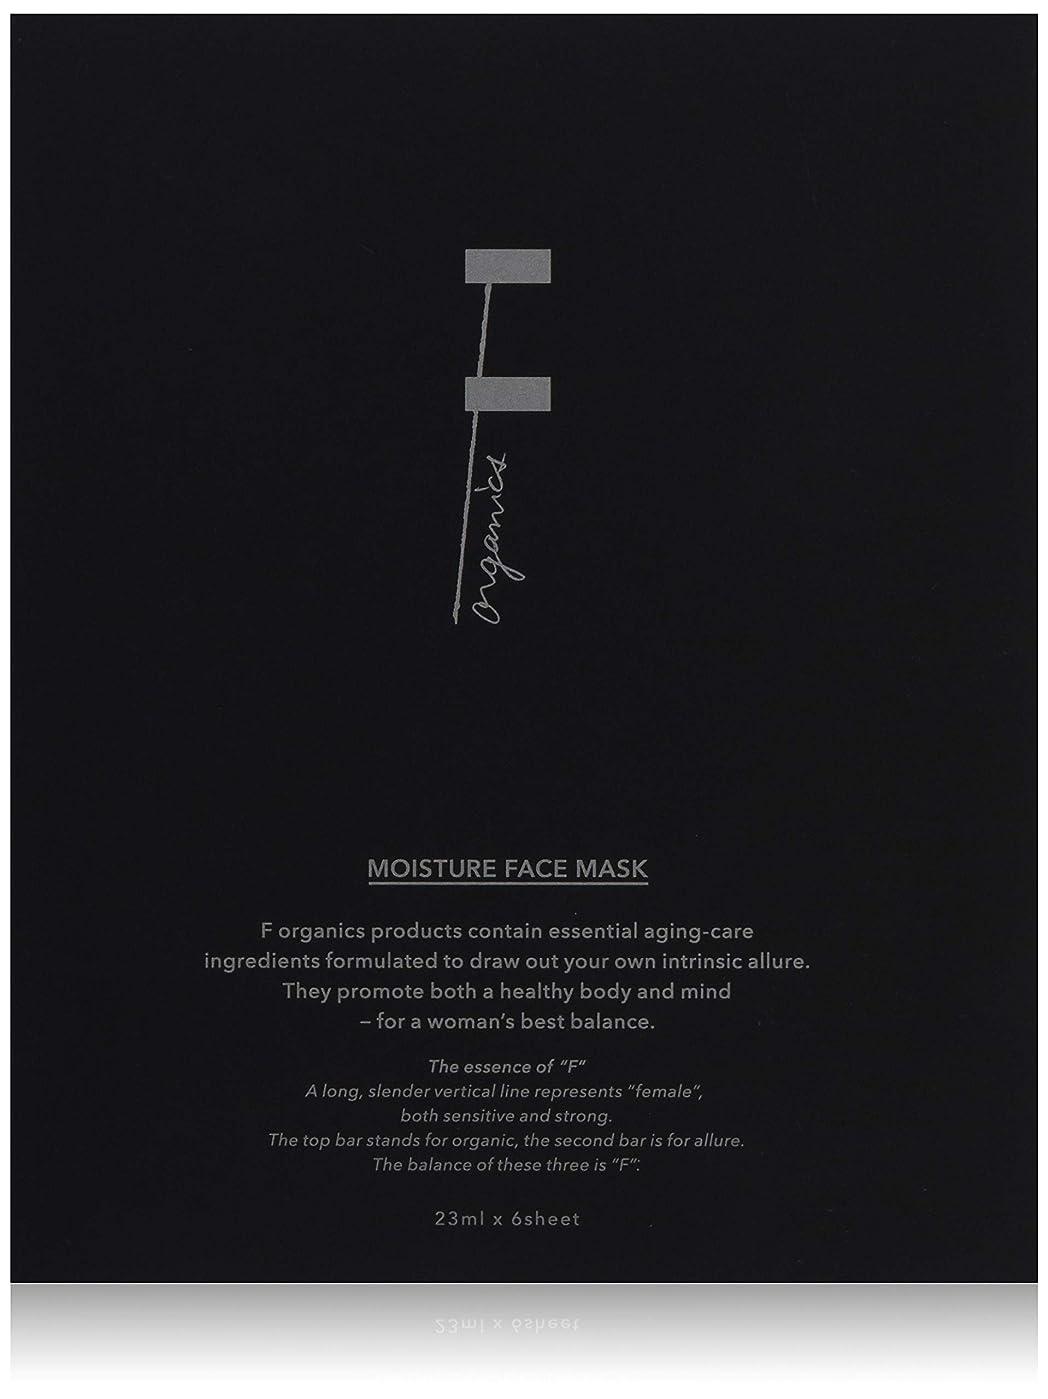 厳密に埋め込む買い手F organics(エッフェオーガニック) モイスチャーフェイスマスク(23ml×6枚入)